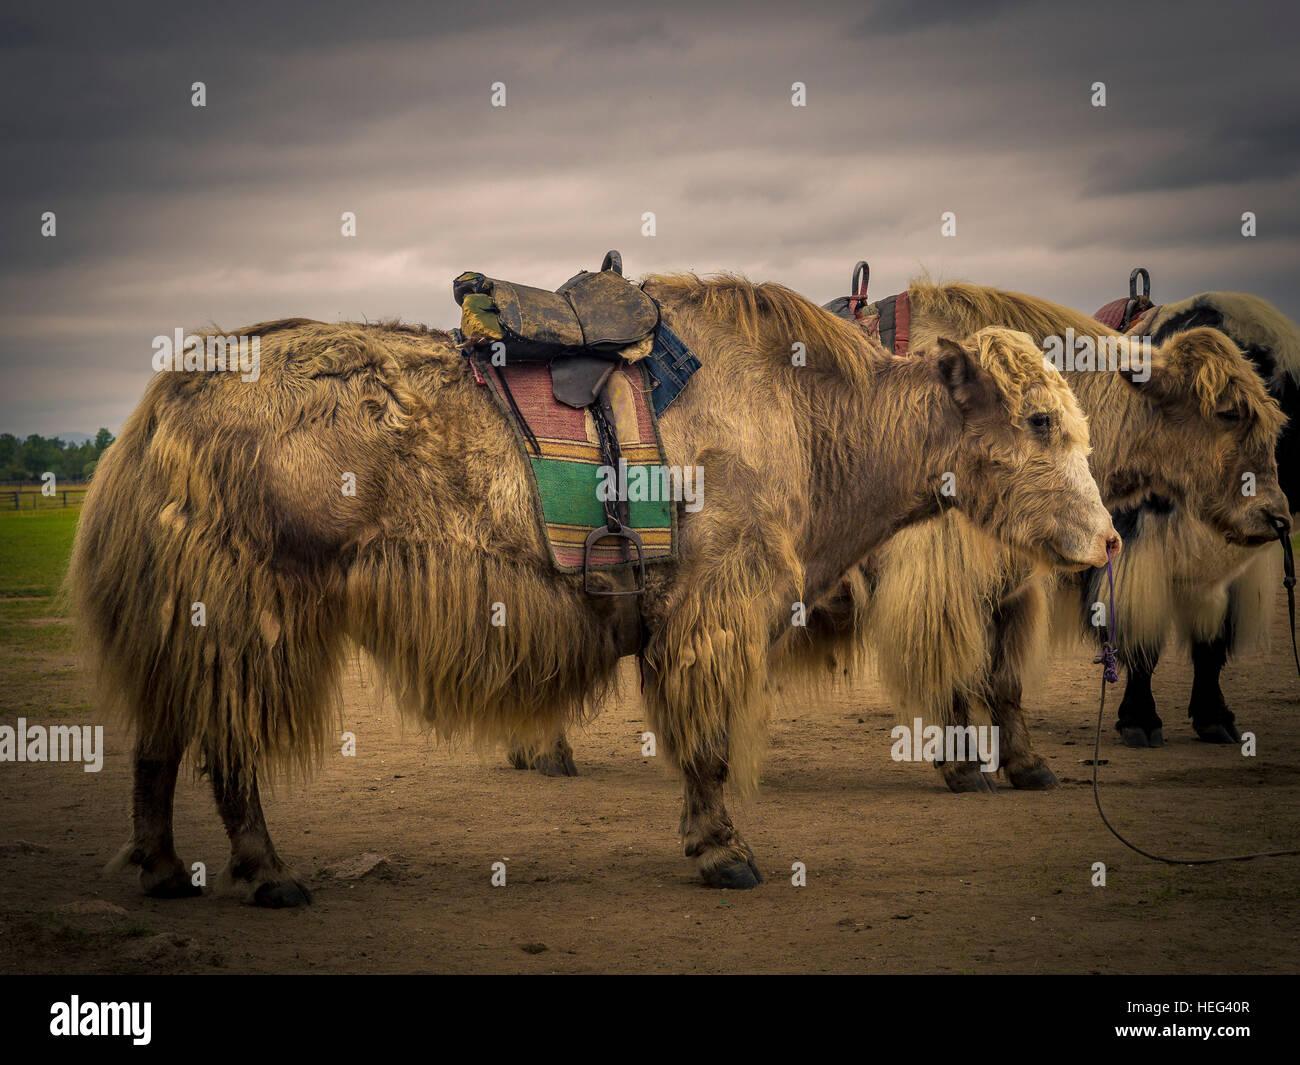 Yaks, Mongolia - Stock Image